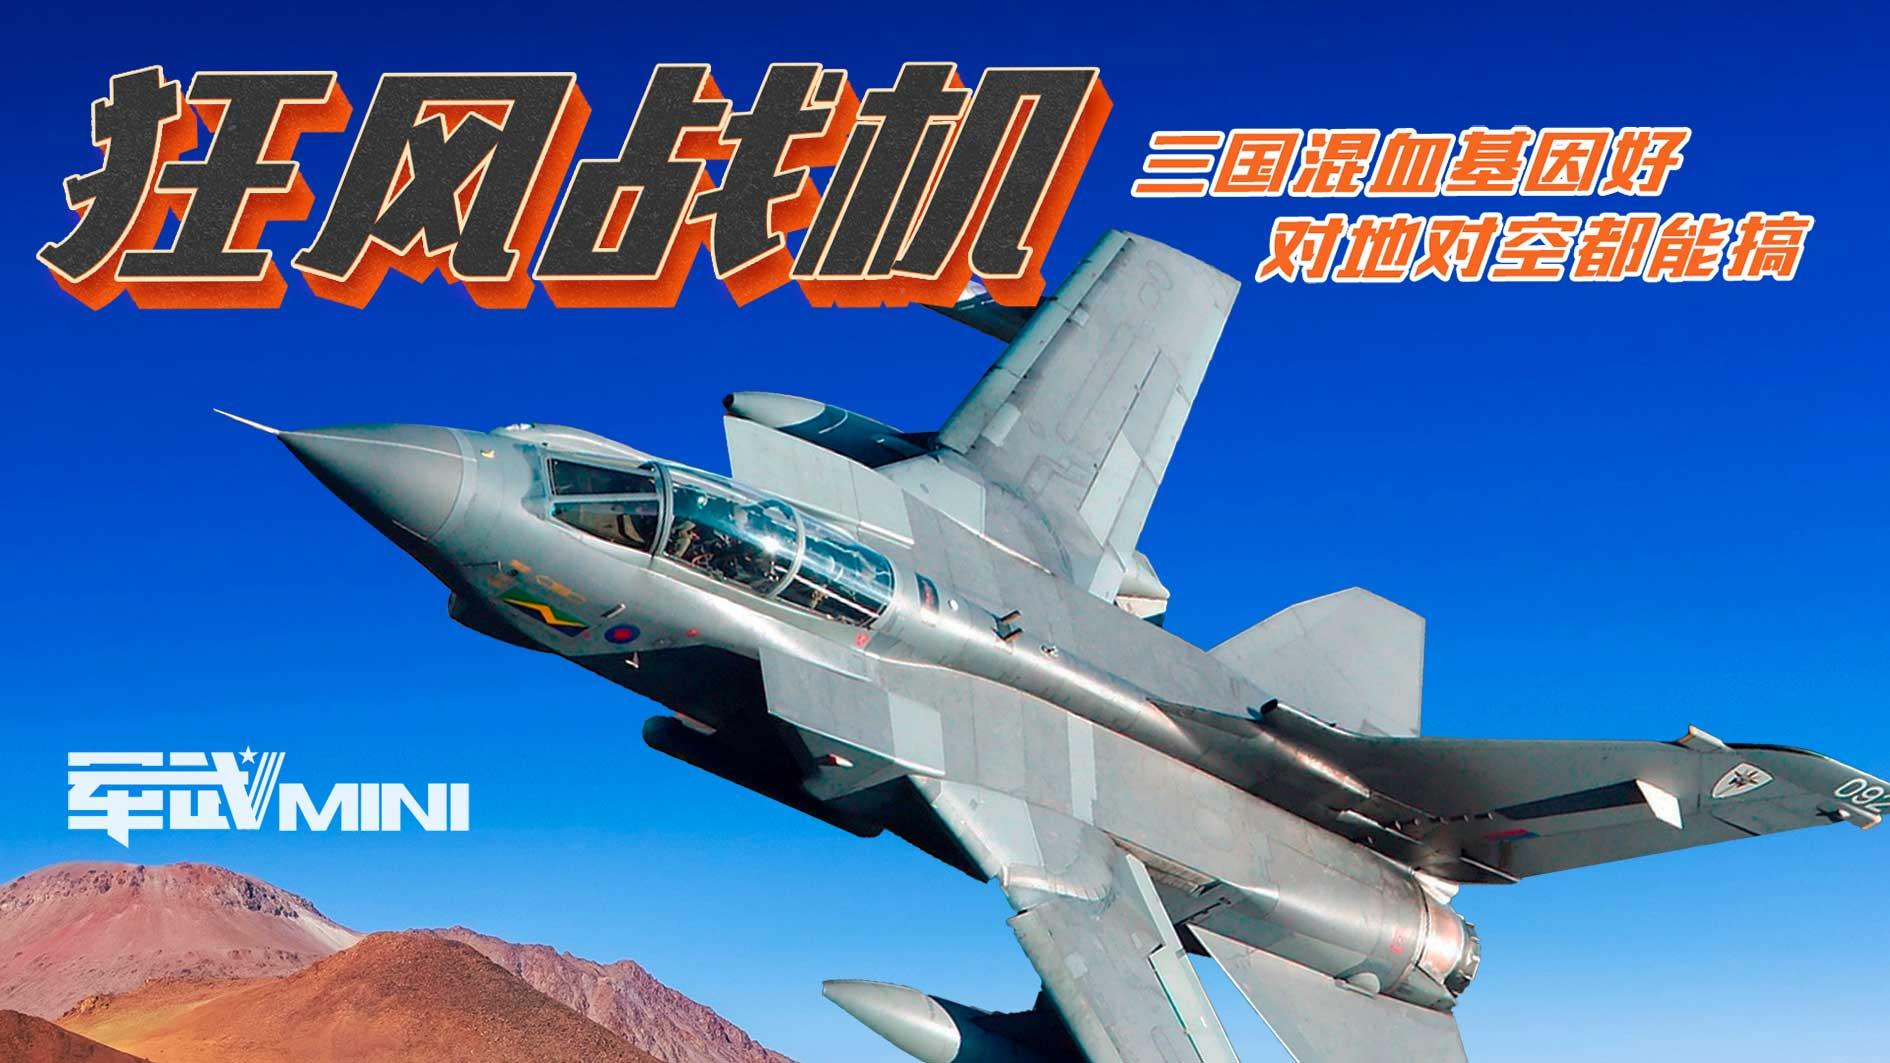 多国联合研发战机的成功典范 欧洲这次甩掉美国研制出更优秀的战机